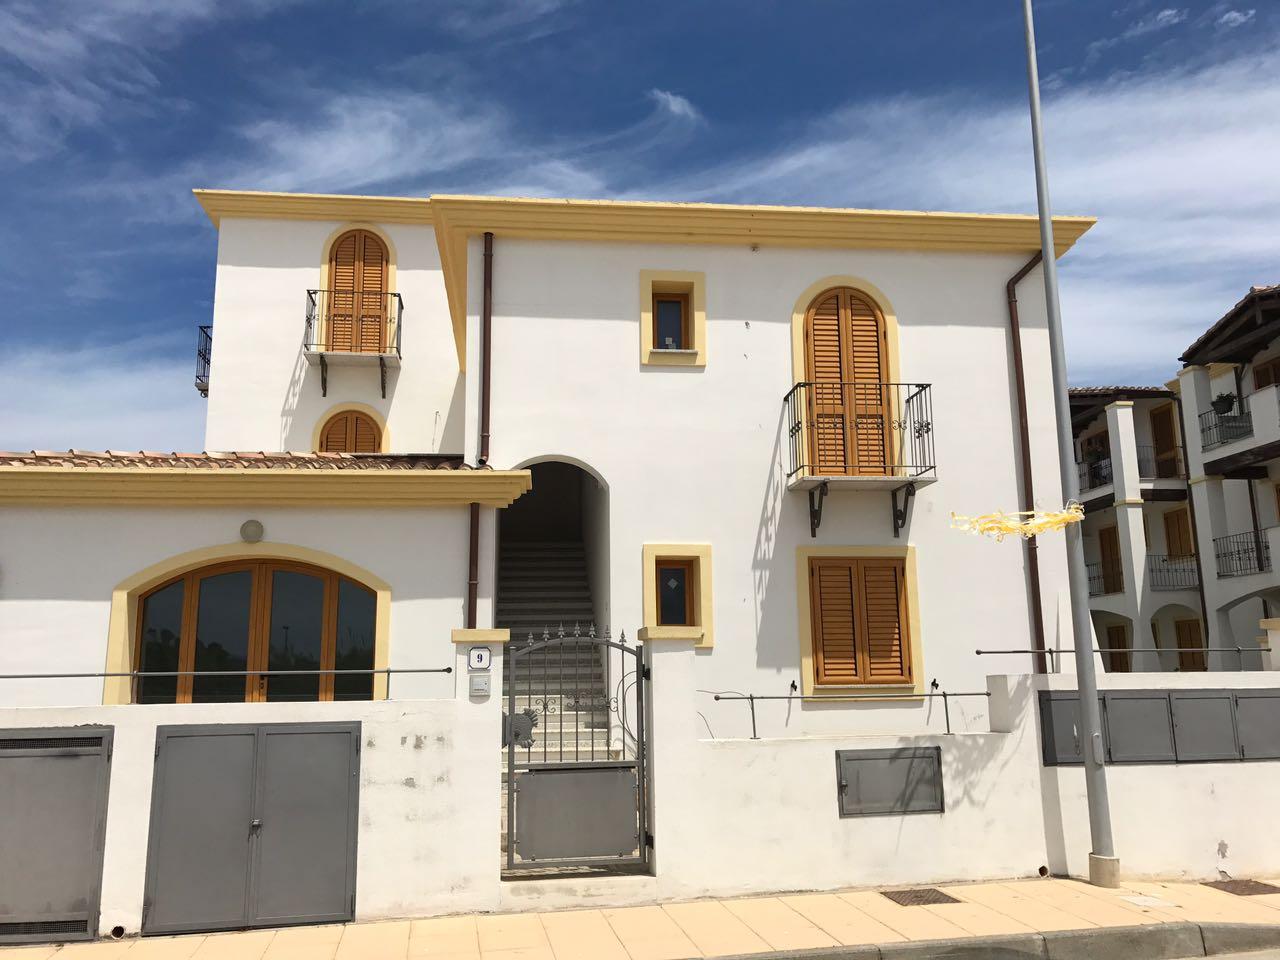 Appartamento in affitto a Tortolì, 2 locali, Trattative riservate | CambioCasa.it